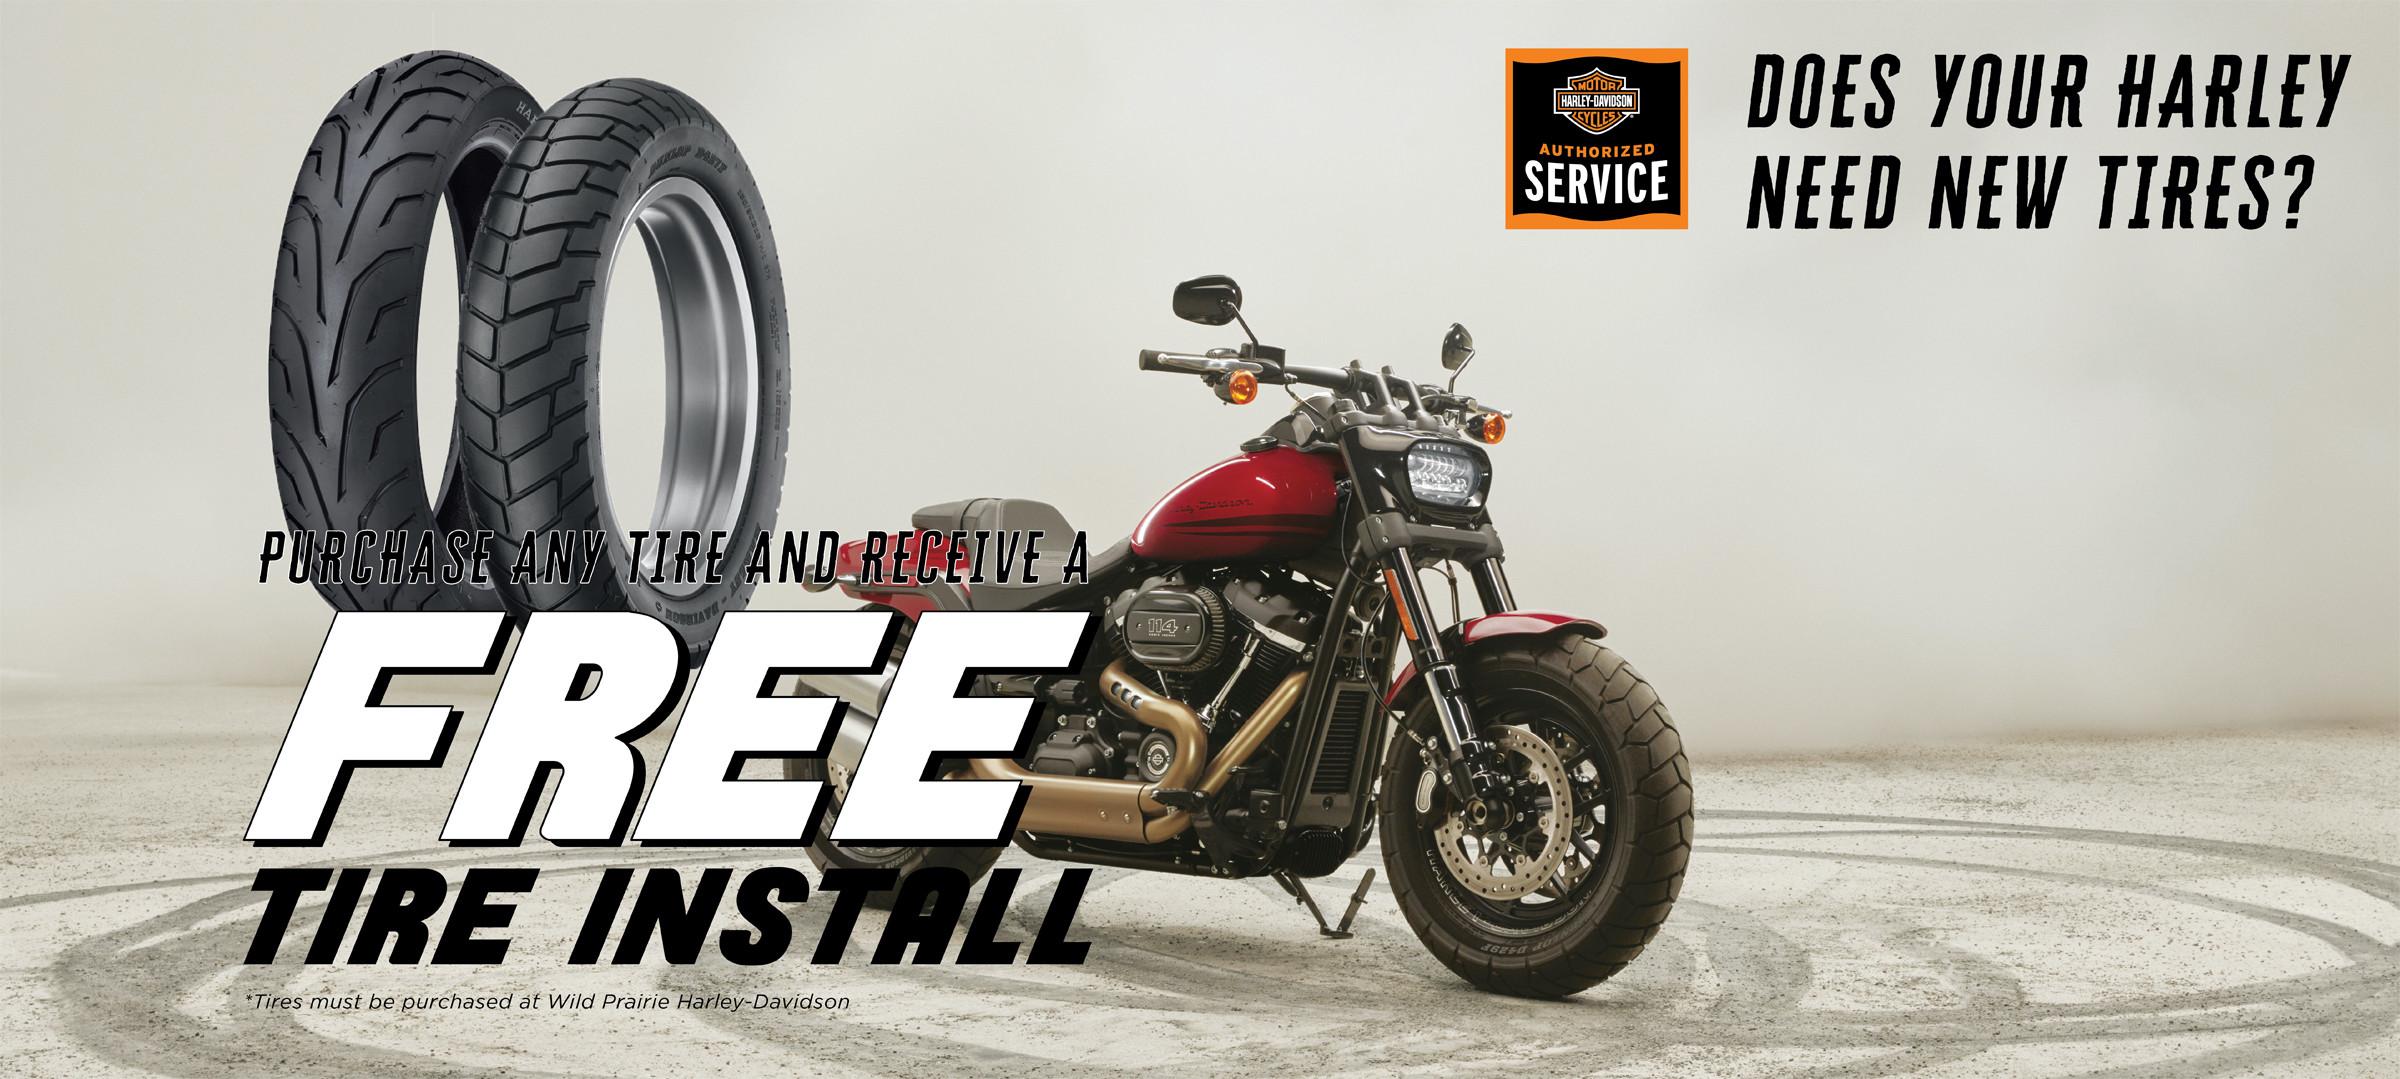 Motorcycle Dealership Eden Prairie Minnesota Wild Prairie Harley Davidson